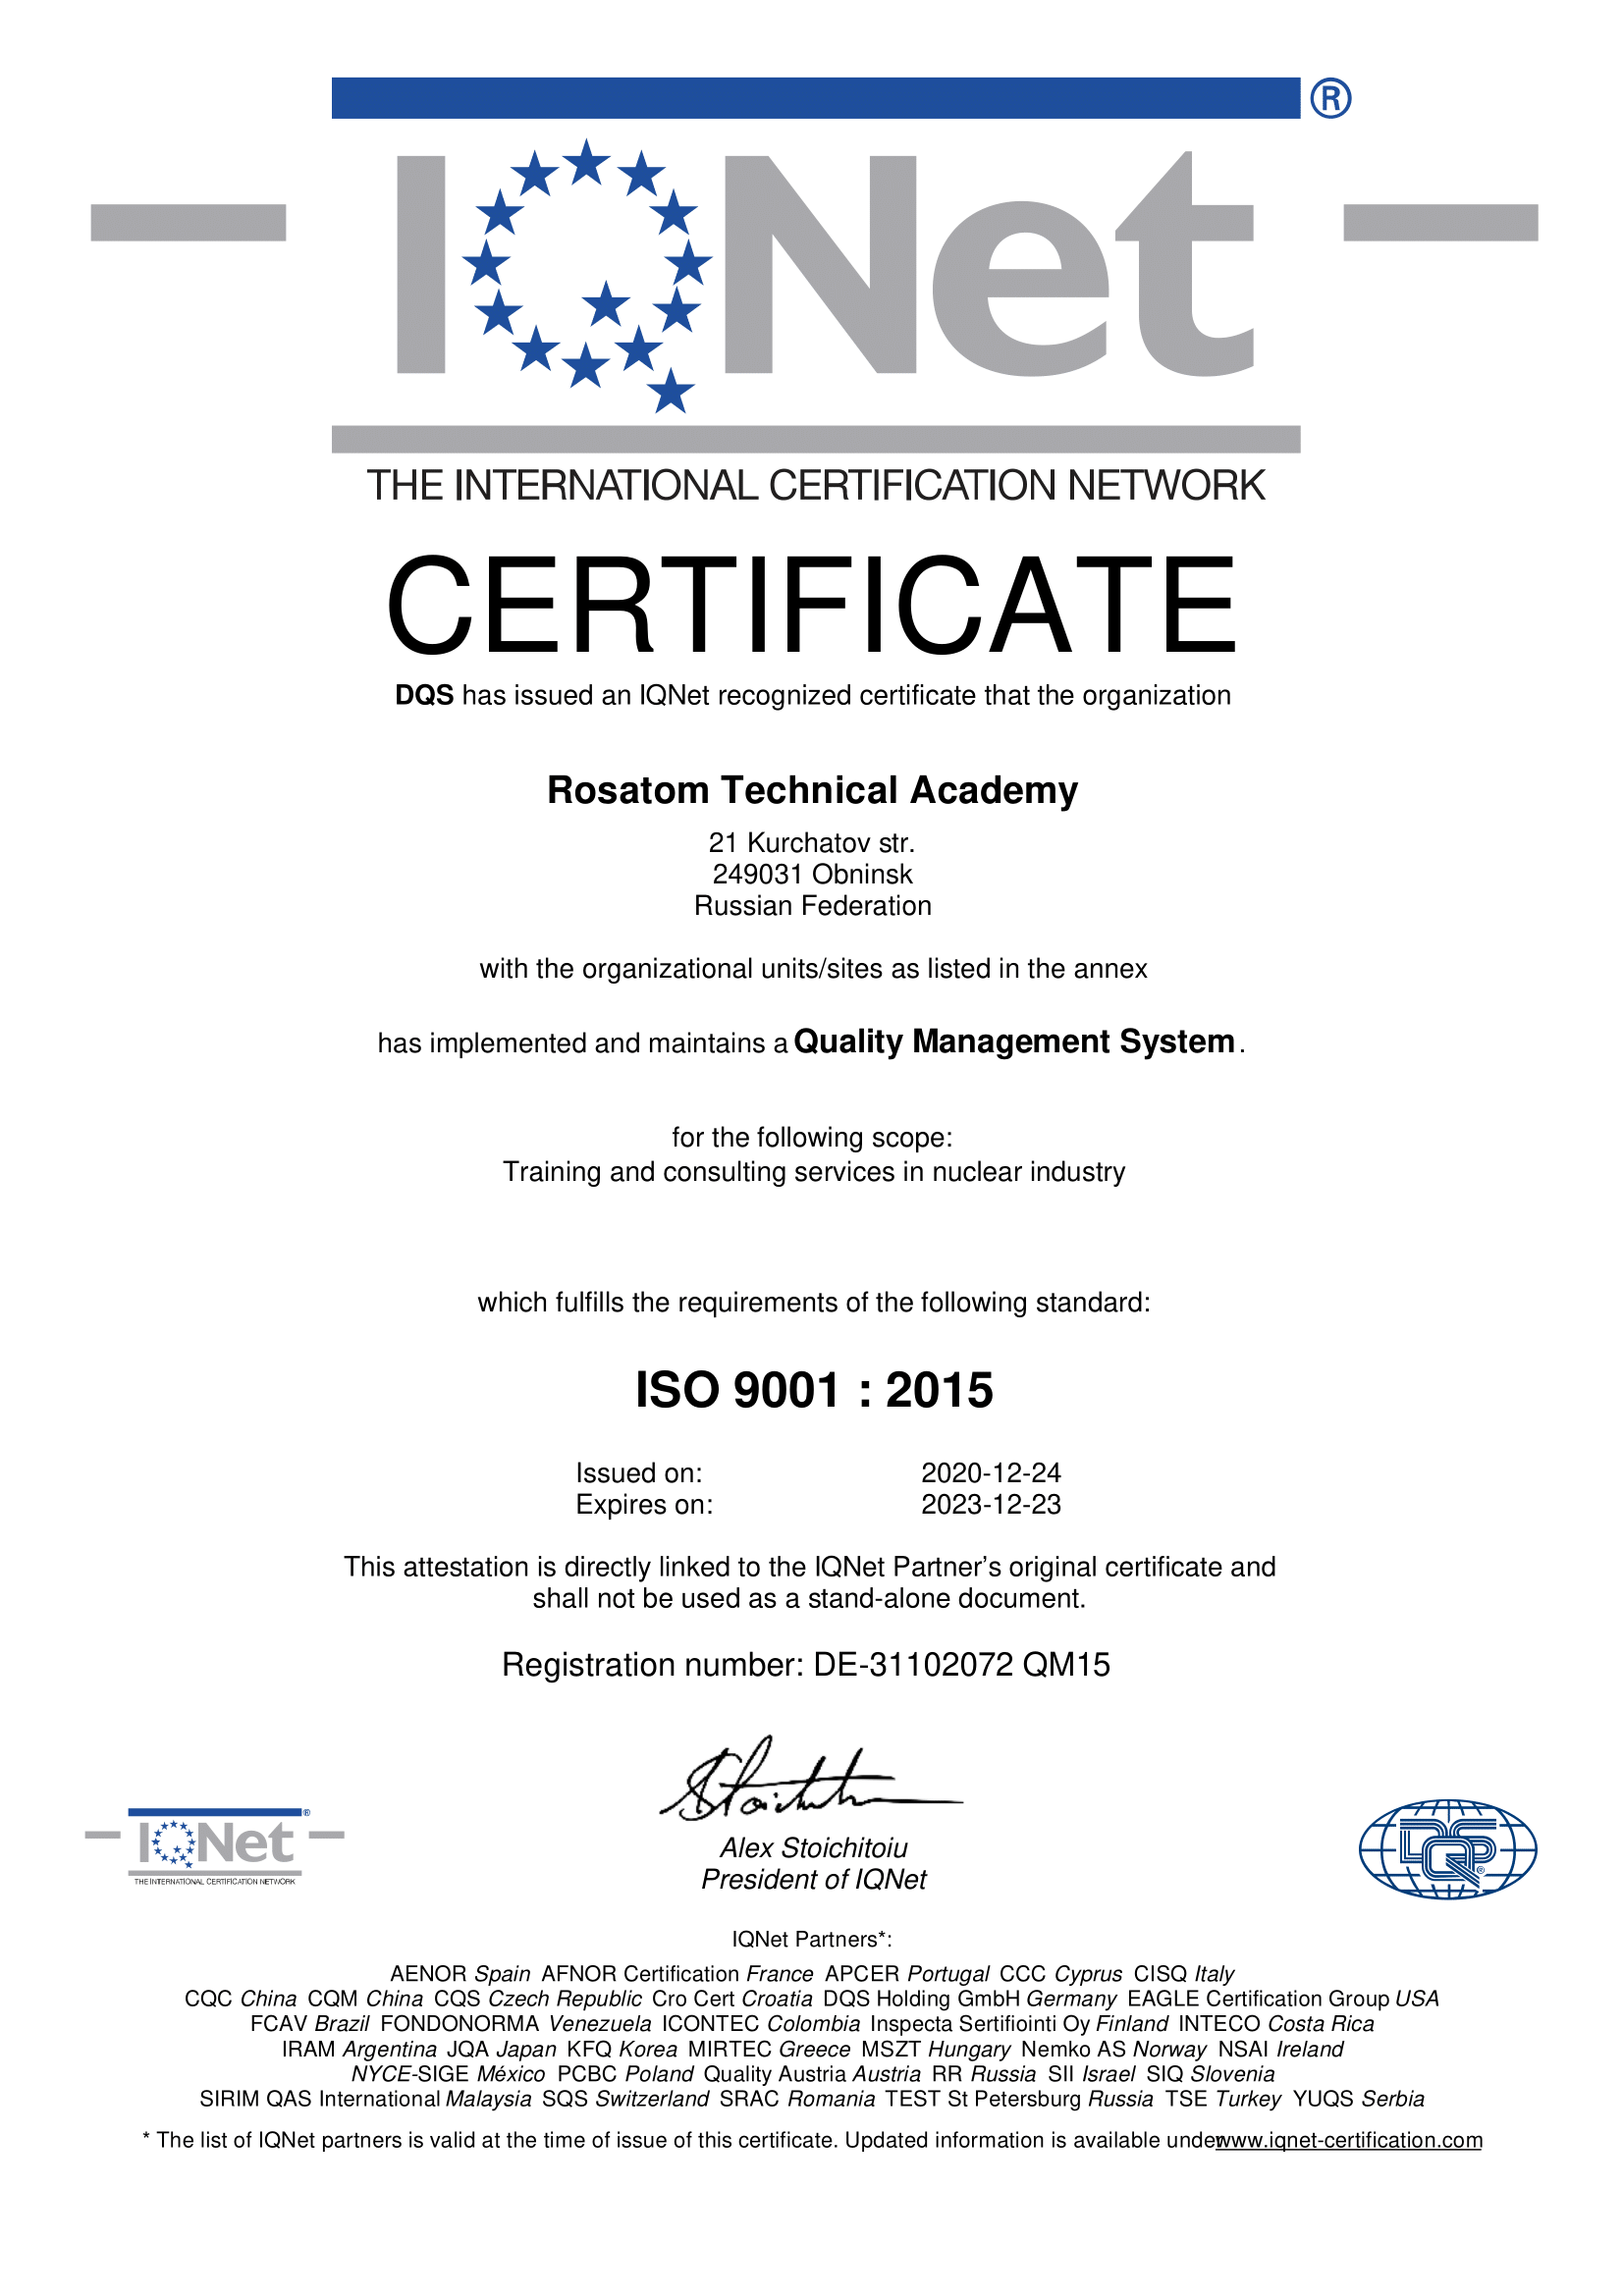 certificateTitle3